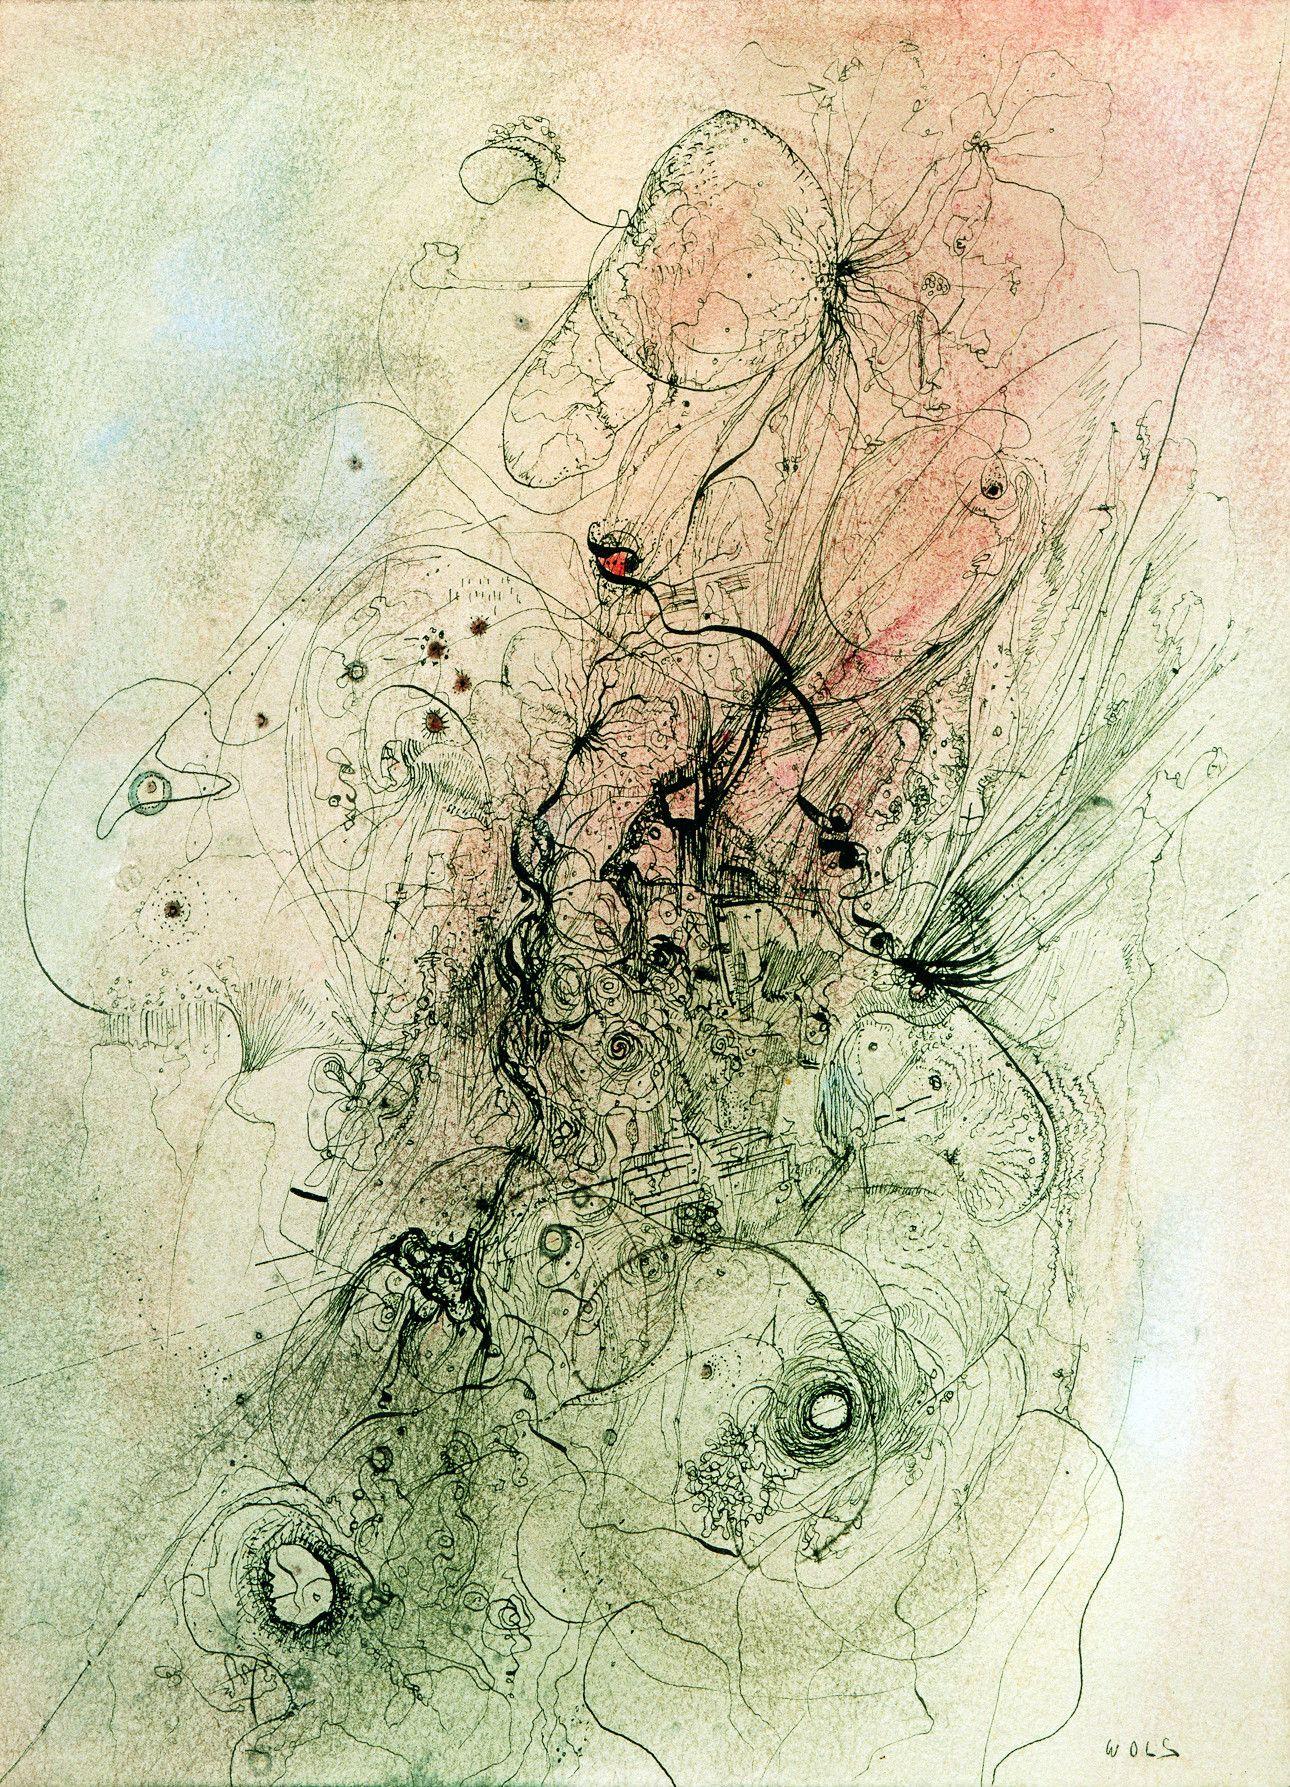 38歳で夭逝。20世紀を代表する画家ヴォルスが描く「感情のマグマ」 | 文春オンライン